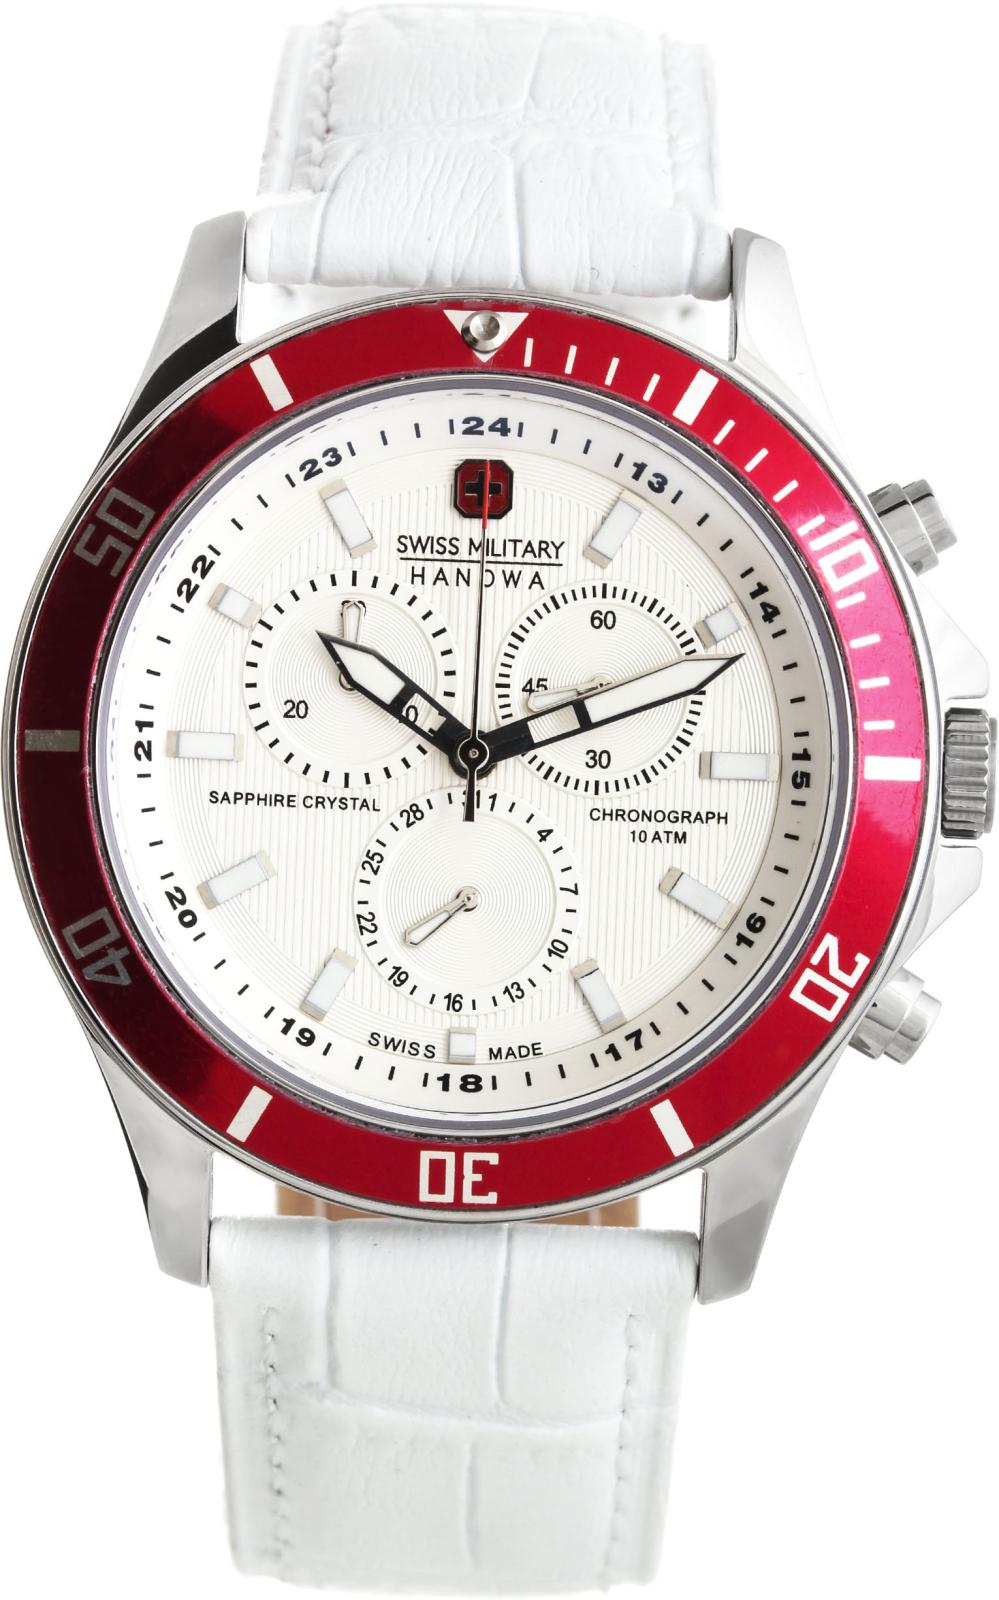 Hanowa Swiss Military Flagship 06-4183.04.001.04Наручные часы<br>Швейцарские часы Hanowa Swiss Military Flagship 06-4183.04.001.04Данная модель входит в коллекцию Flagship. Это стильные Мужские часы. Материал корпуса часов — Сталь. Ремень — Кожа. В этих часах используется Сапфировое стекло. Водозащита - 100 м.<br><br>Пол: Мужские<br>Страна-производитель: Швейцария<br>Механизм: Кварцевый<br>Материал корпуса: Сталь<br>Материал ремня/браслета: Кожа<br>Водозащита, диапазон: 100 - 150 м<br>Стекло: Сапфировое<br>Толщина корпуса: None<br>Стиль: None